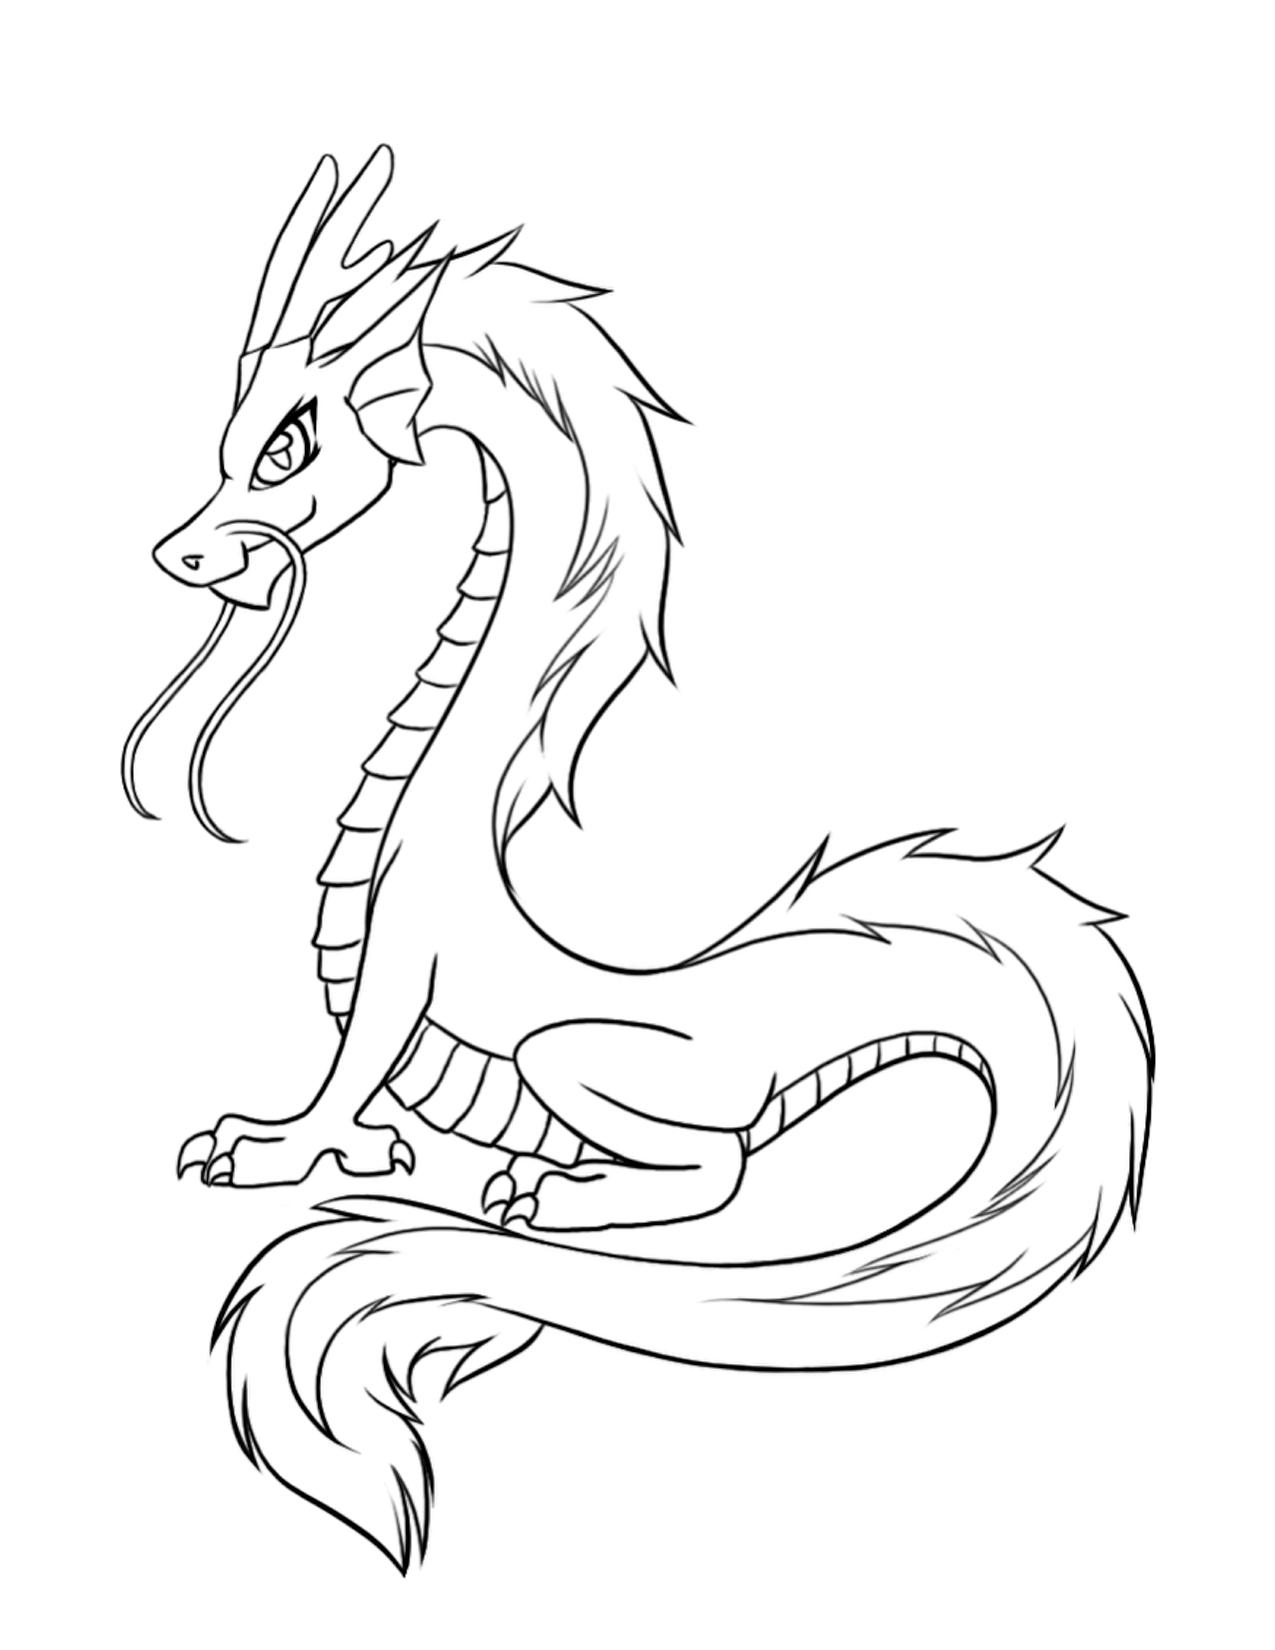 Tranh tô màu con rồng